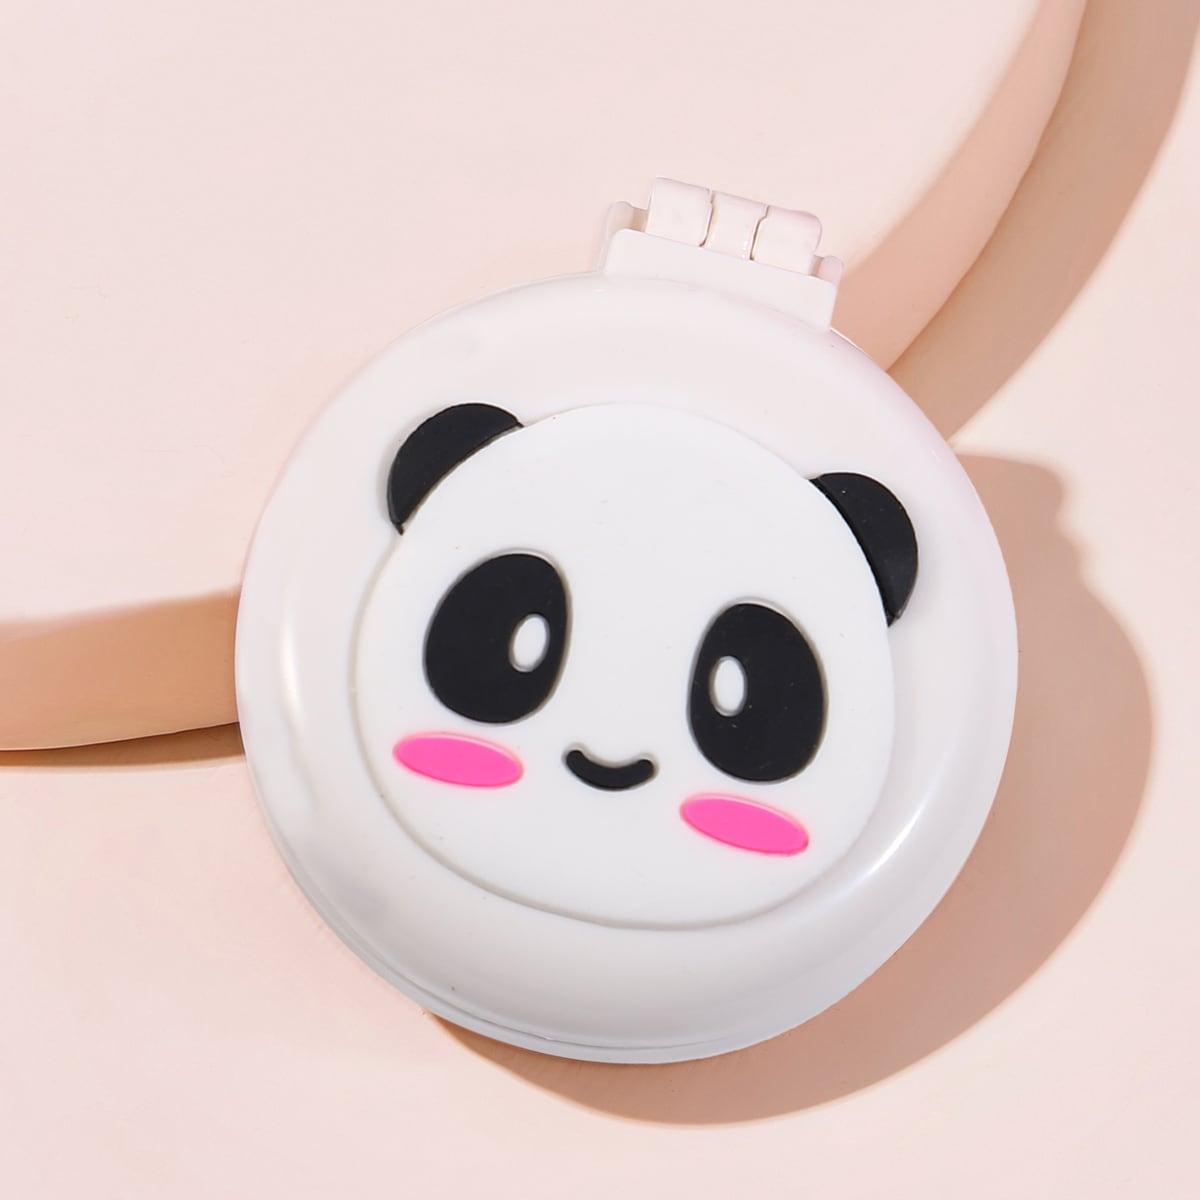 Складная расческа с рисунком панды с зеркалом 1шт